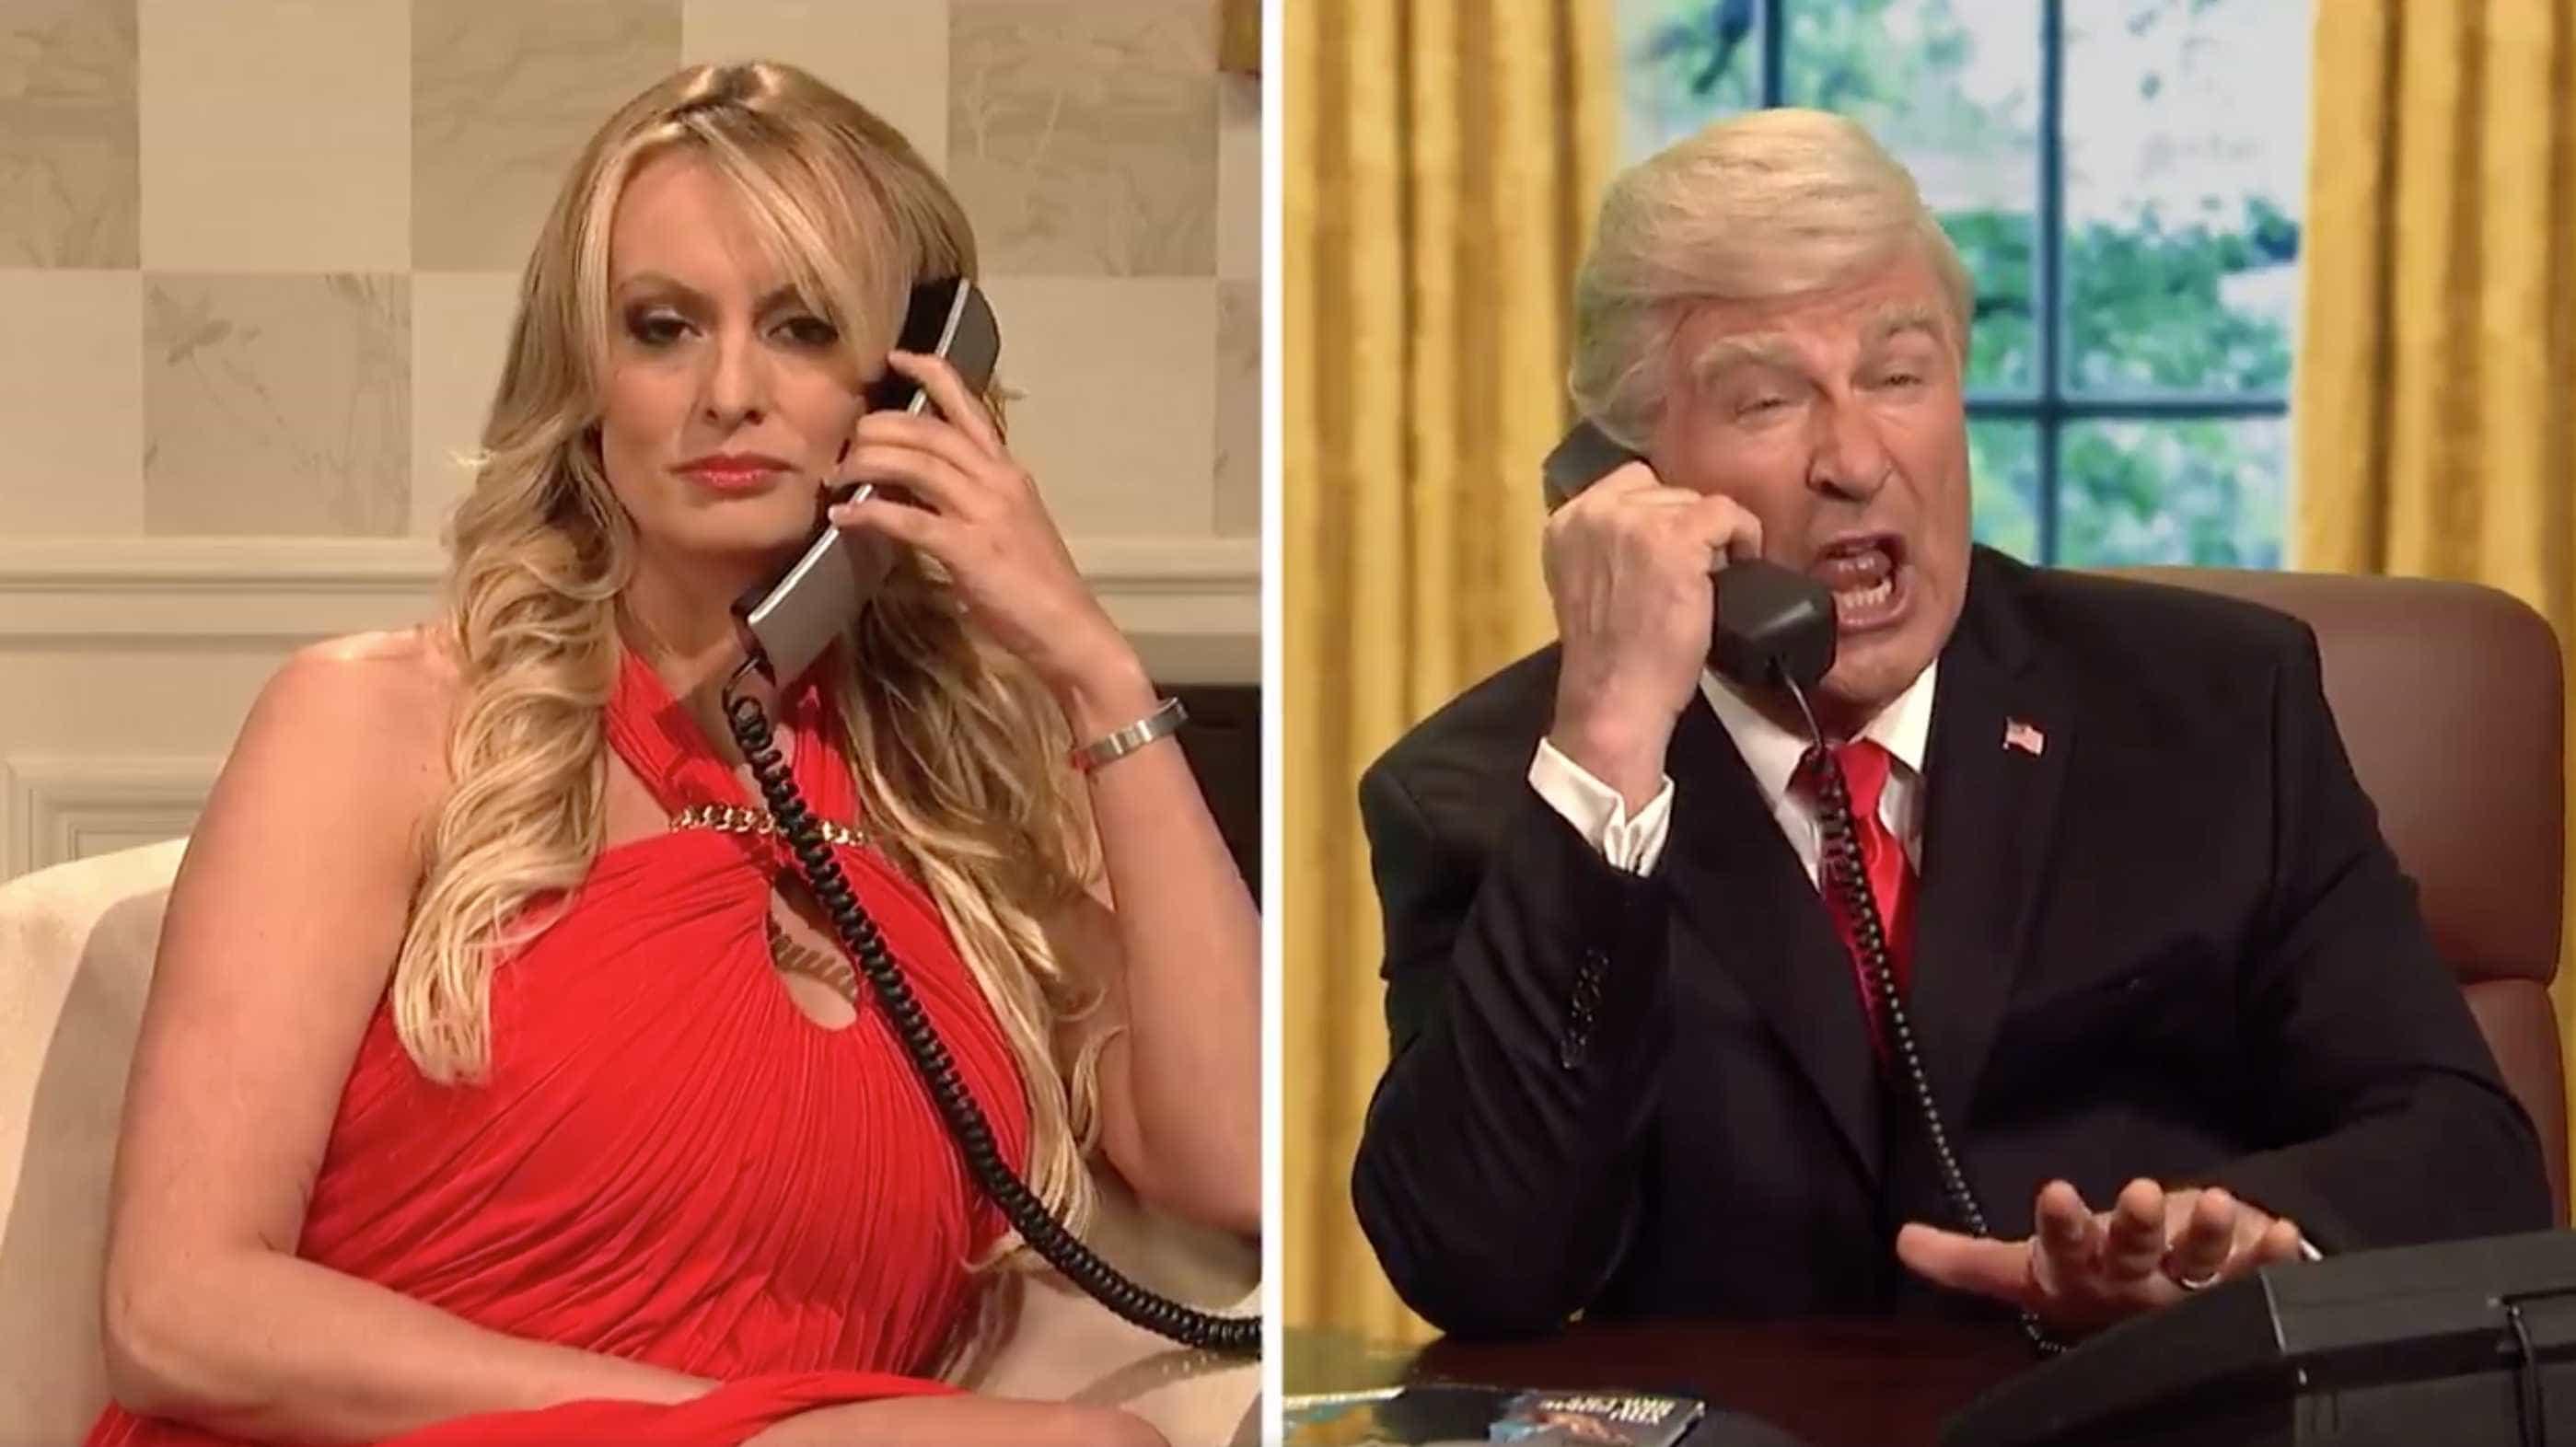 Atriz pornô que teve suposto caso com Trump brilha no SNL